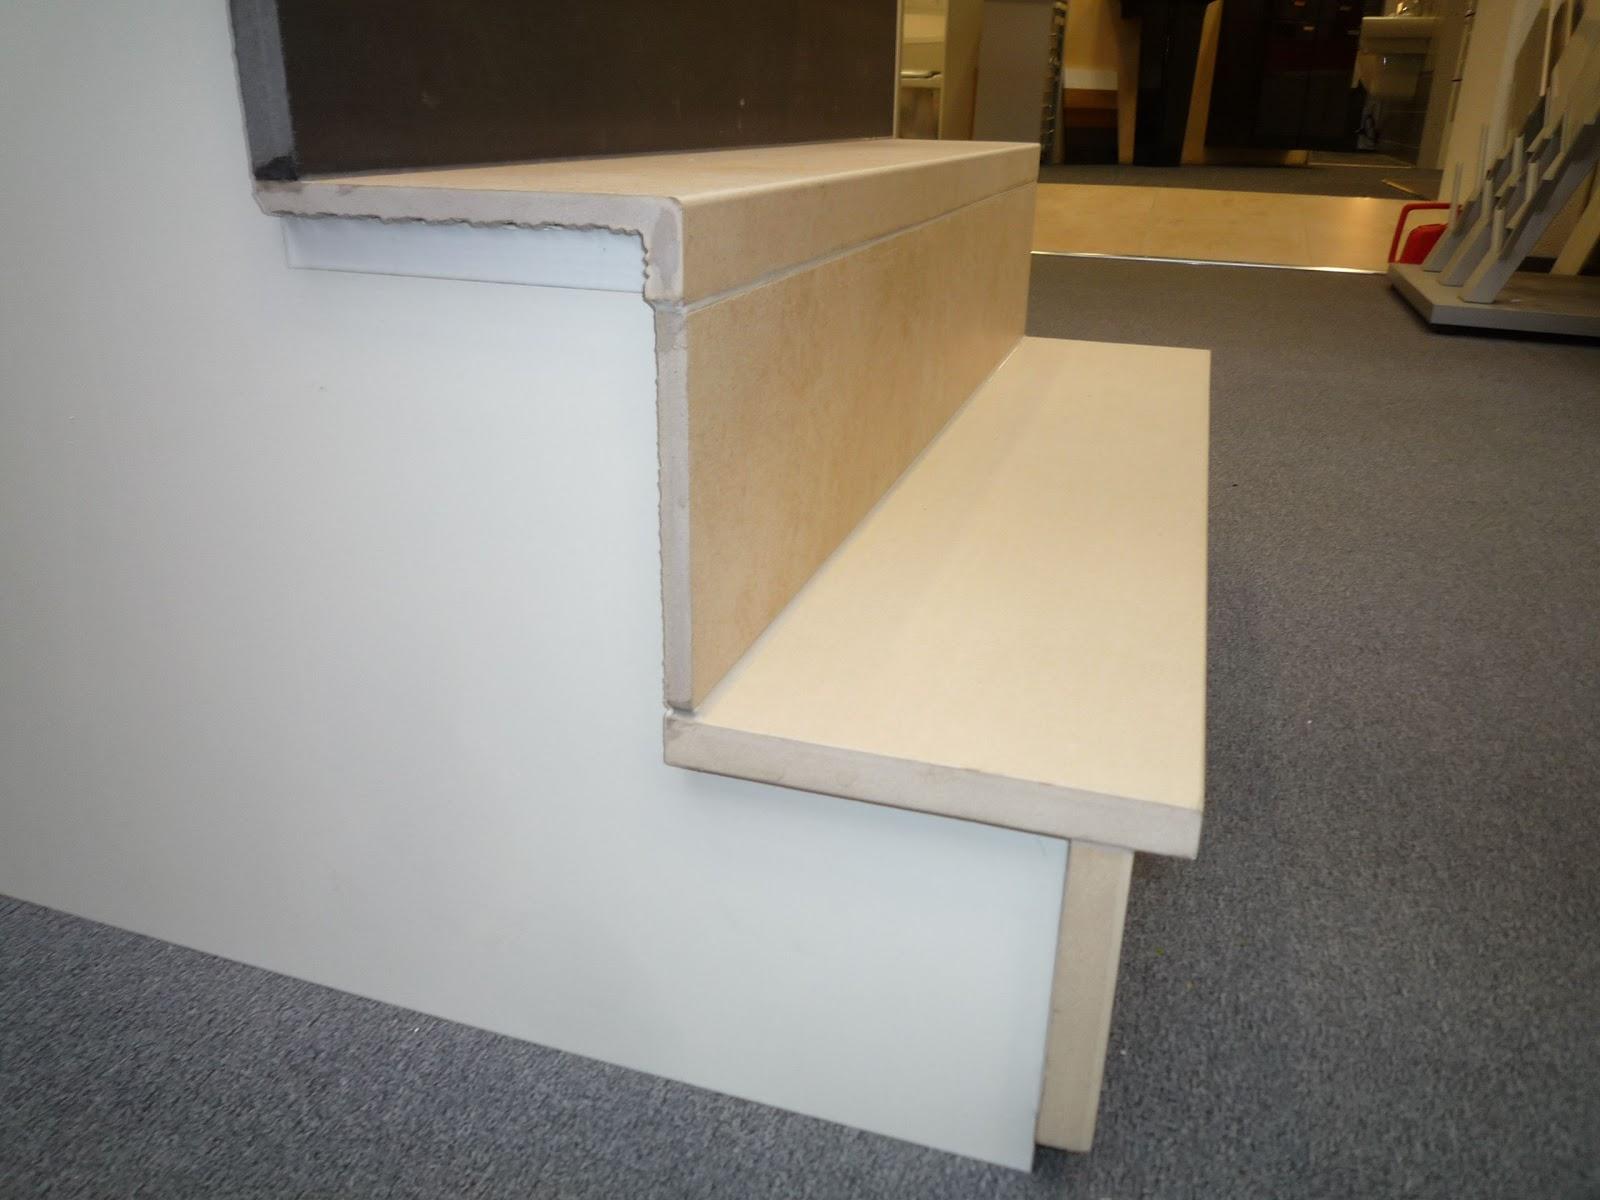 fliesen mit oder ohne schiene fliesenschienen dekorativer kantenschutz obi. Black Bedroom Furniture Sets. Home Design Ideas